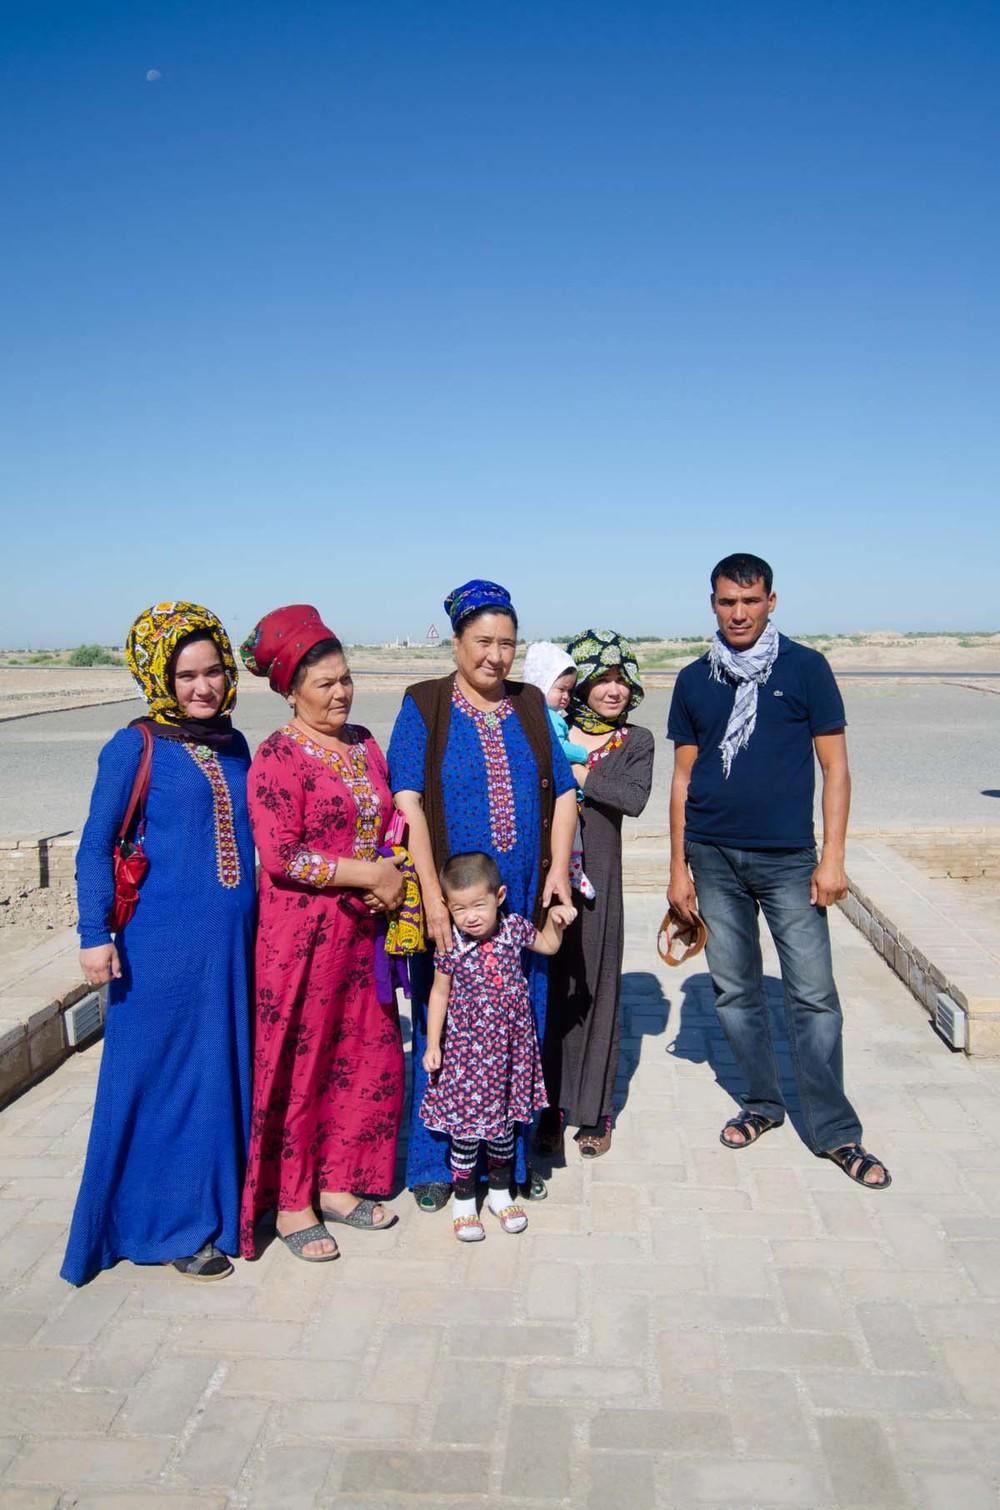 turkmenistan-13.jpg